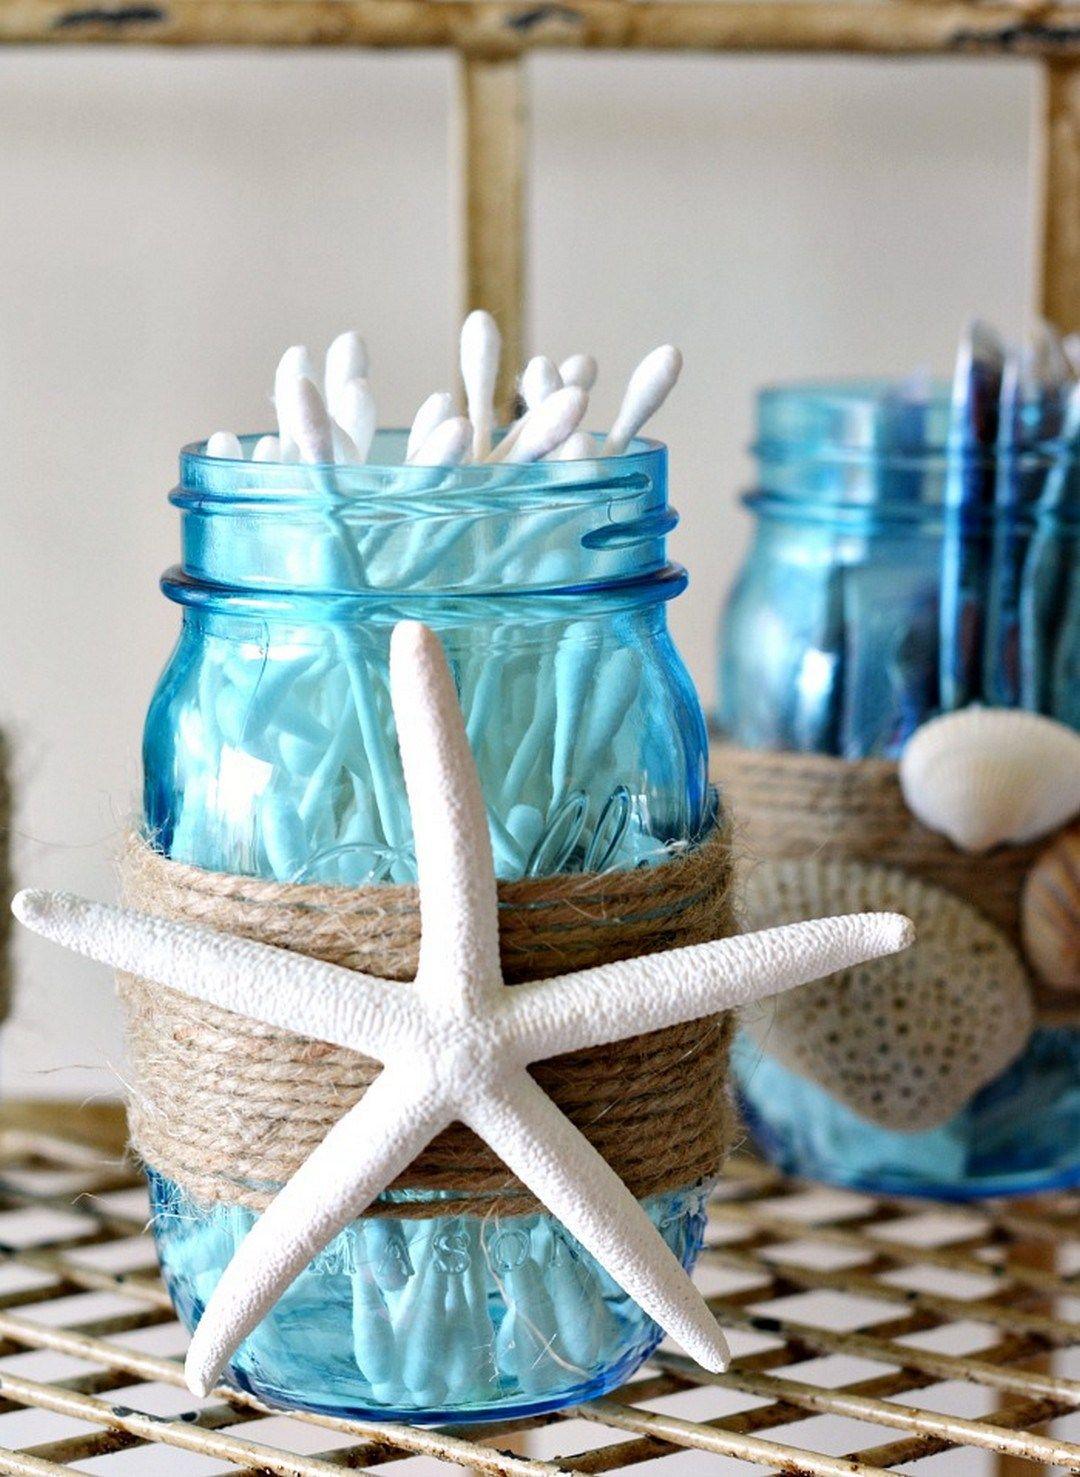 99 Perfect For A Beach Themed Bathroom Ideas 53 Mermaid